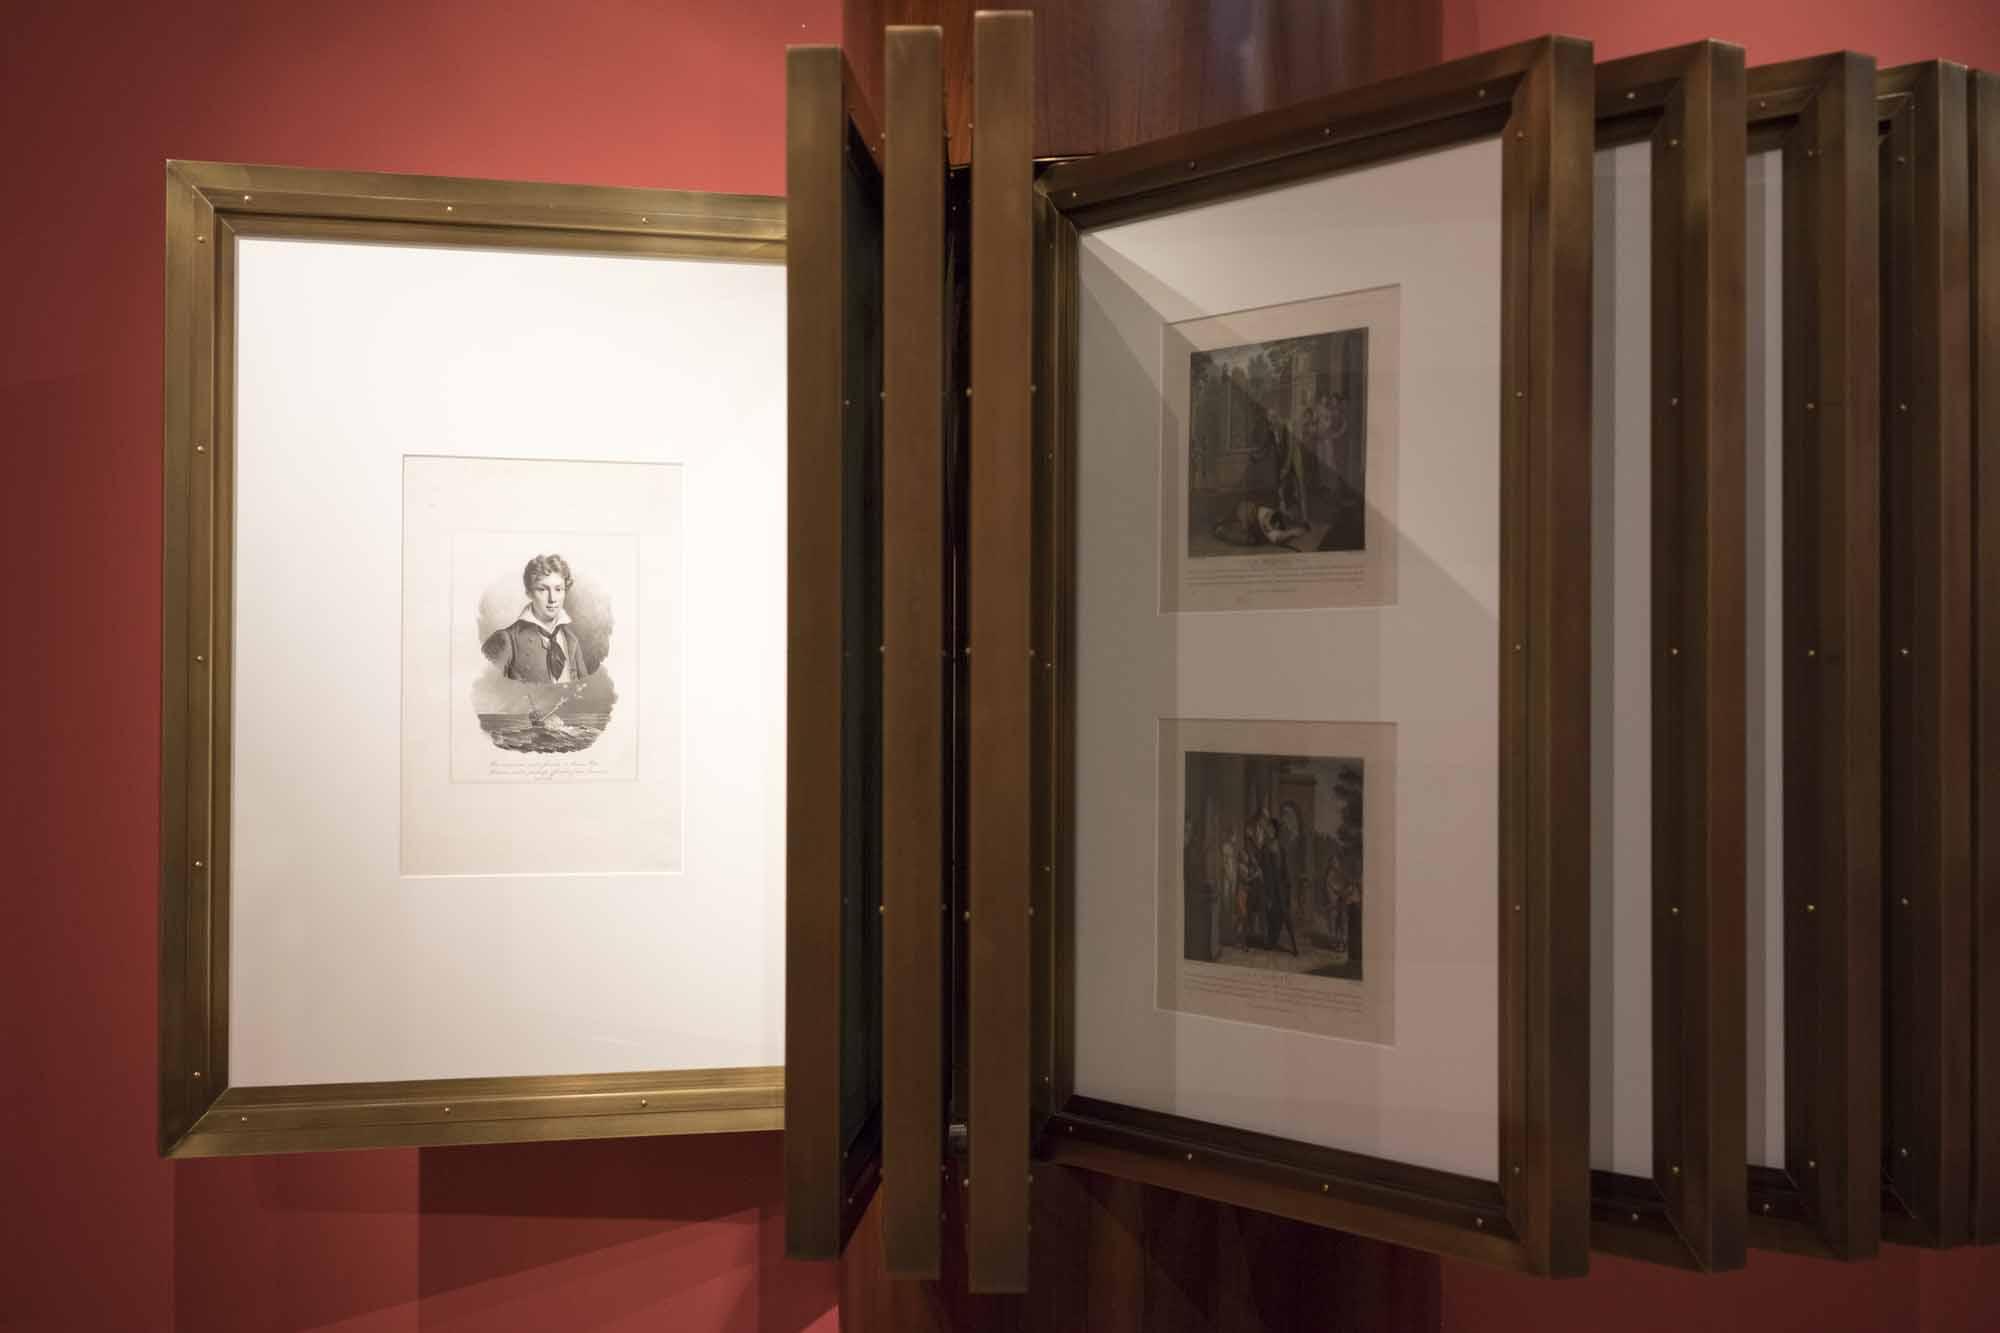 Grabados - Museo del Romanticismo